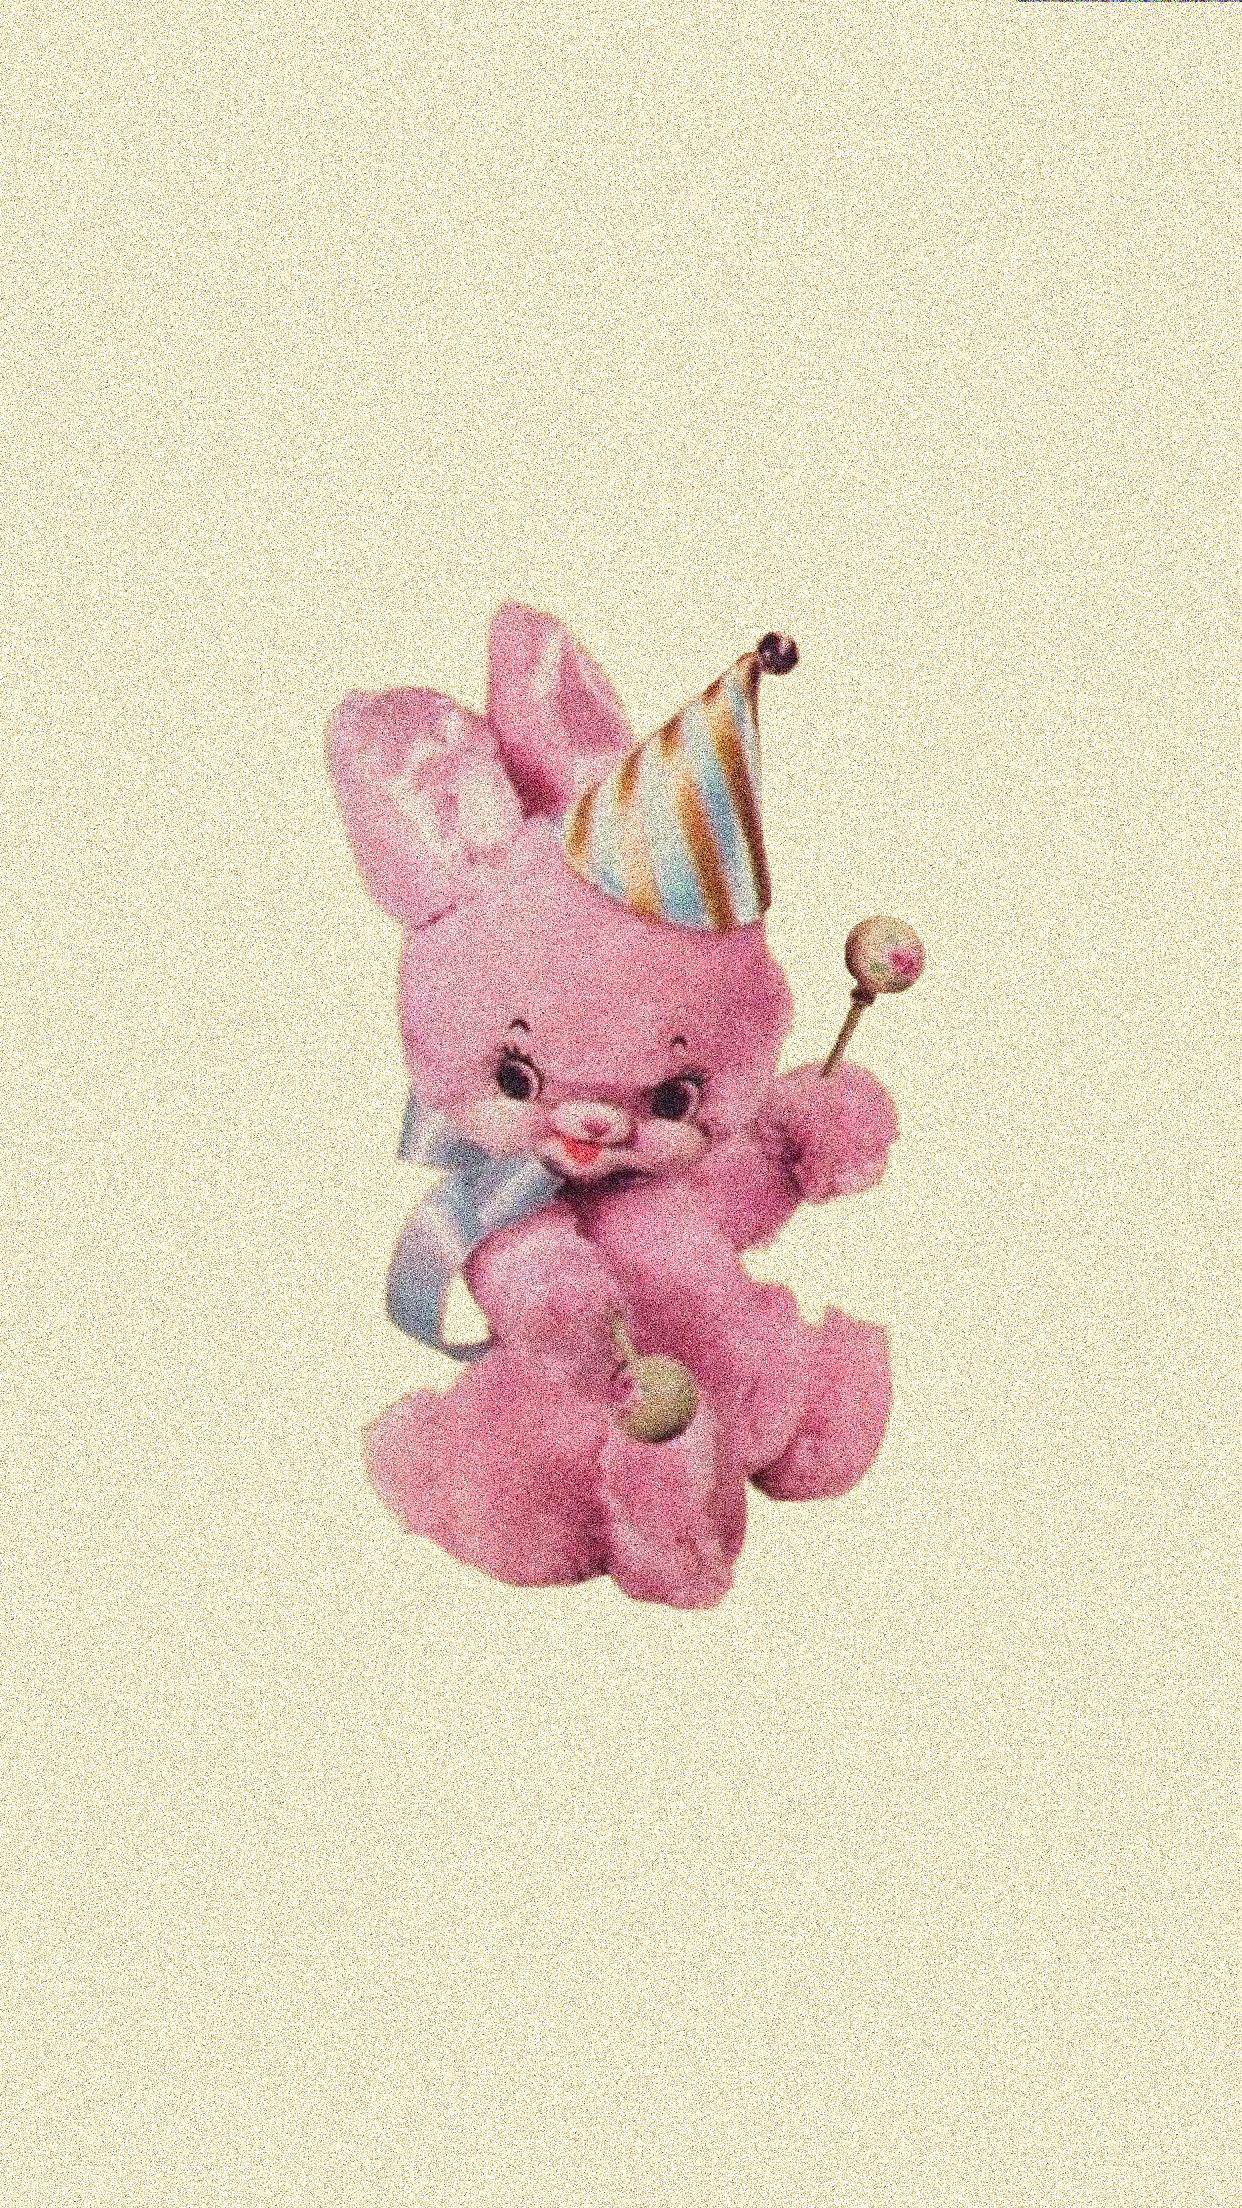 Pin By Corina On Melanie Martinez Melanie Martinez Crybaby Melanie Martinez Melanie